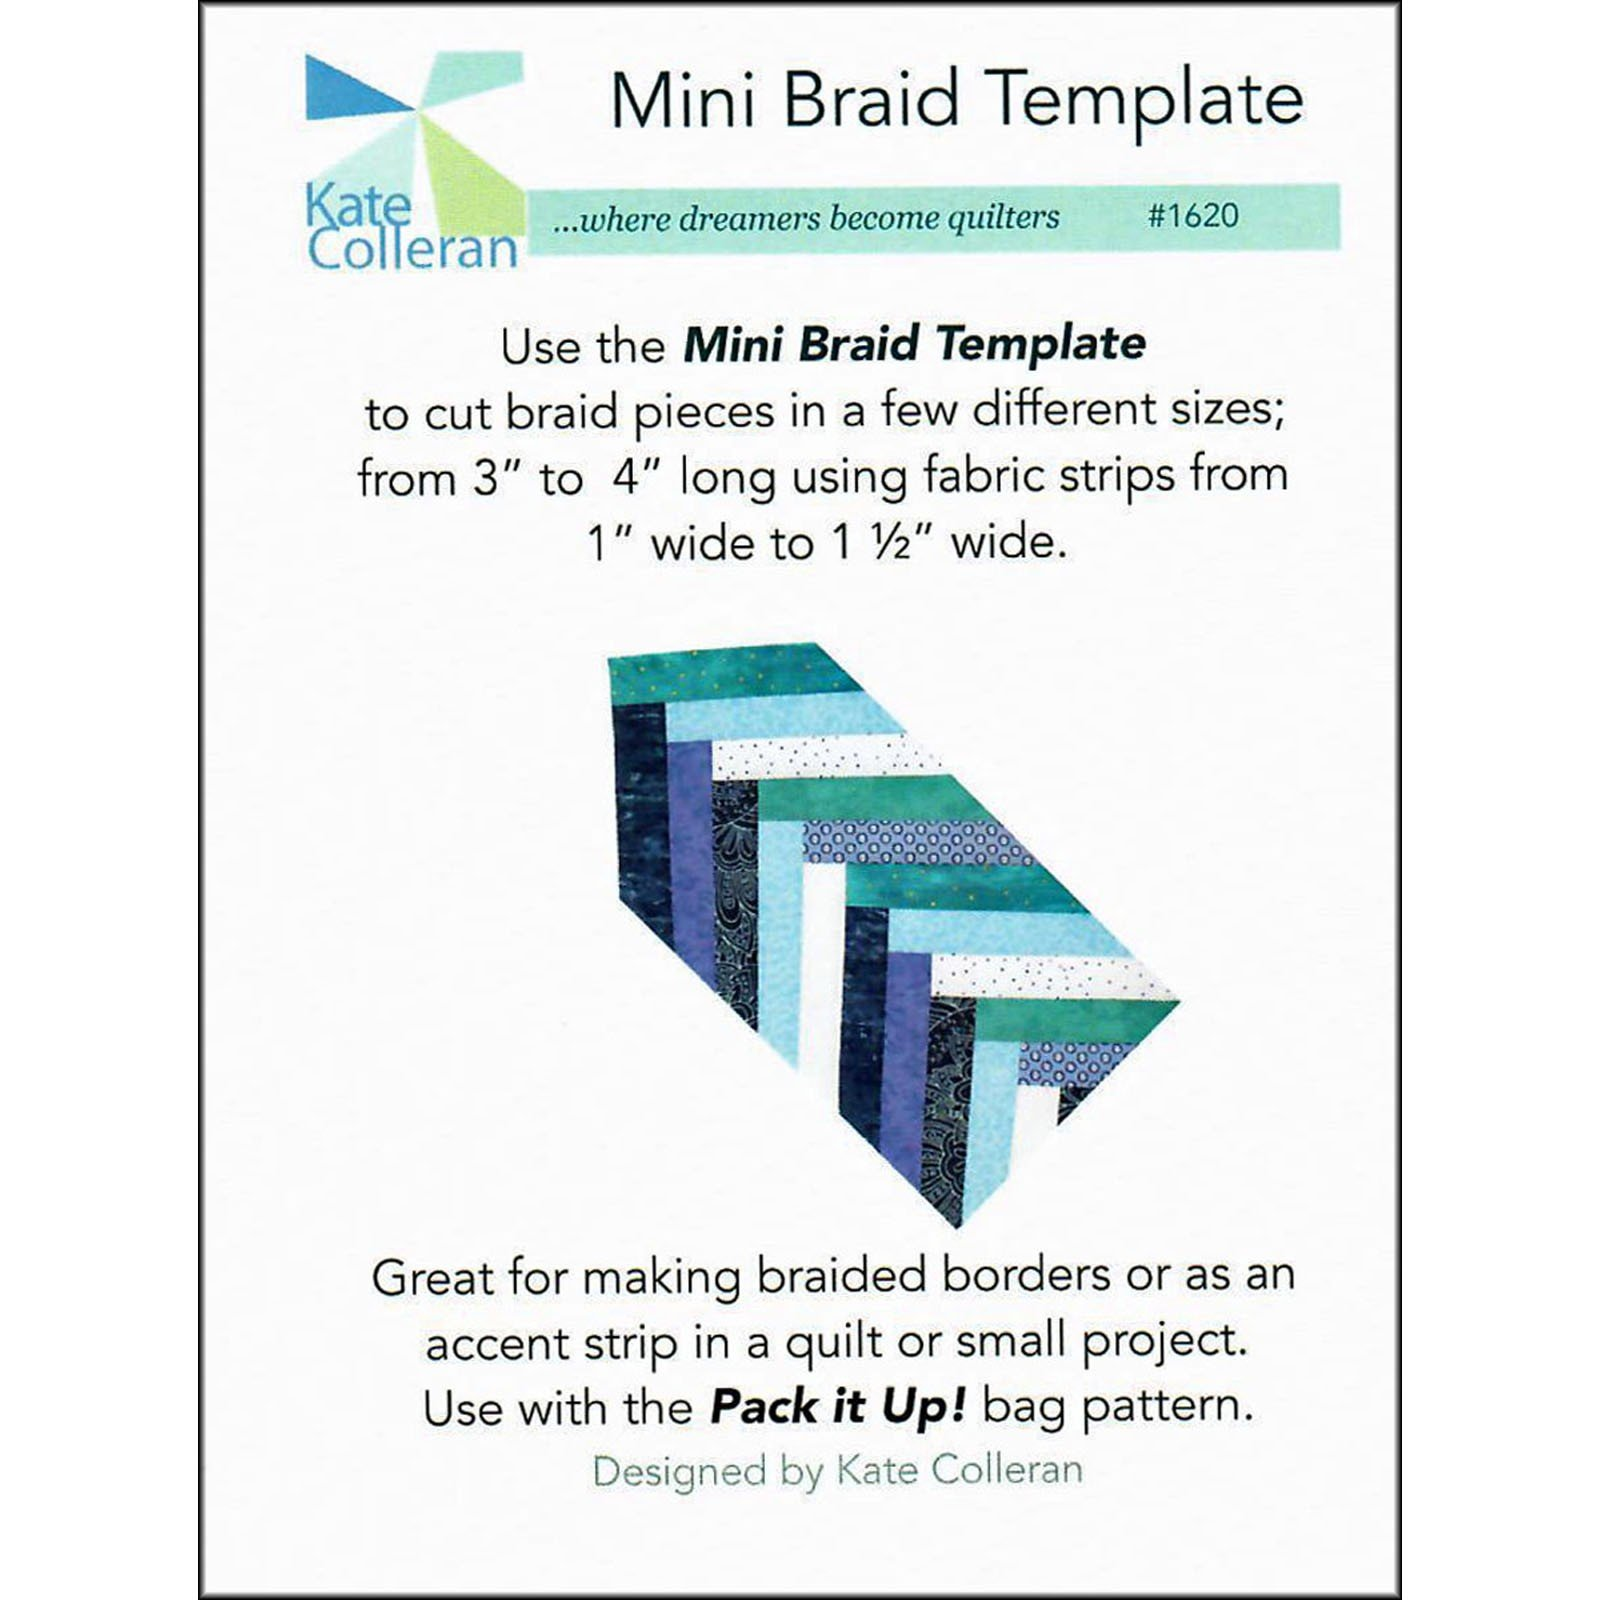 Mini Braid Template #1620 Kate Colleran Designs, LLC